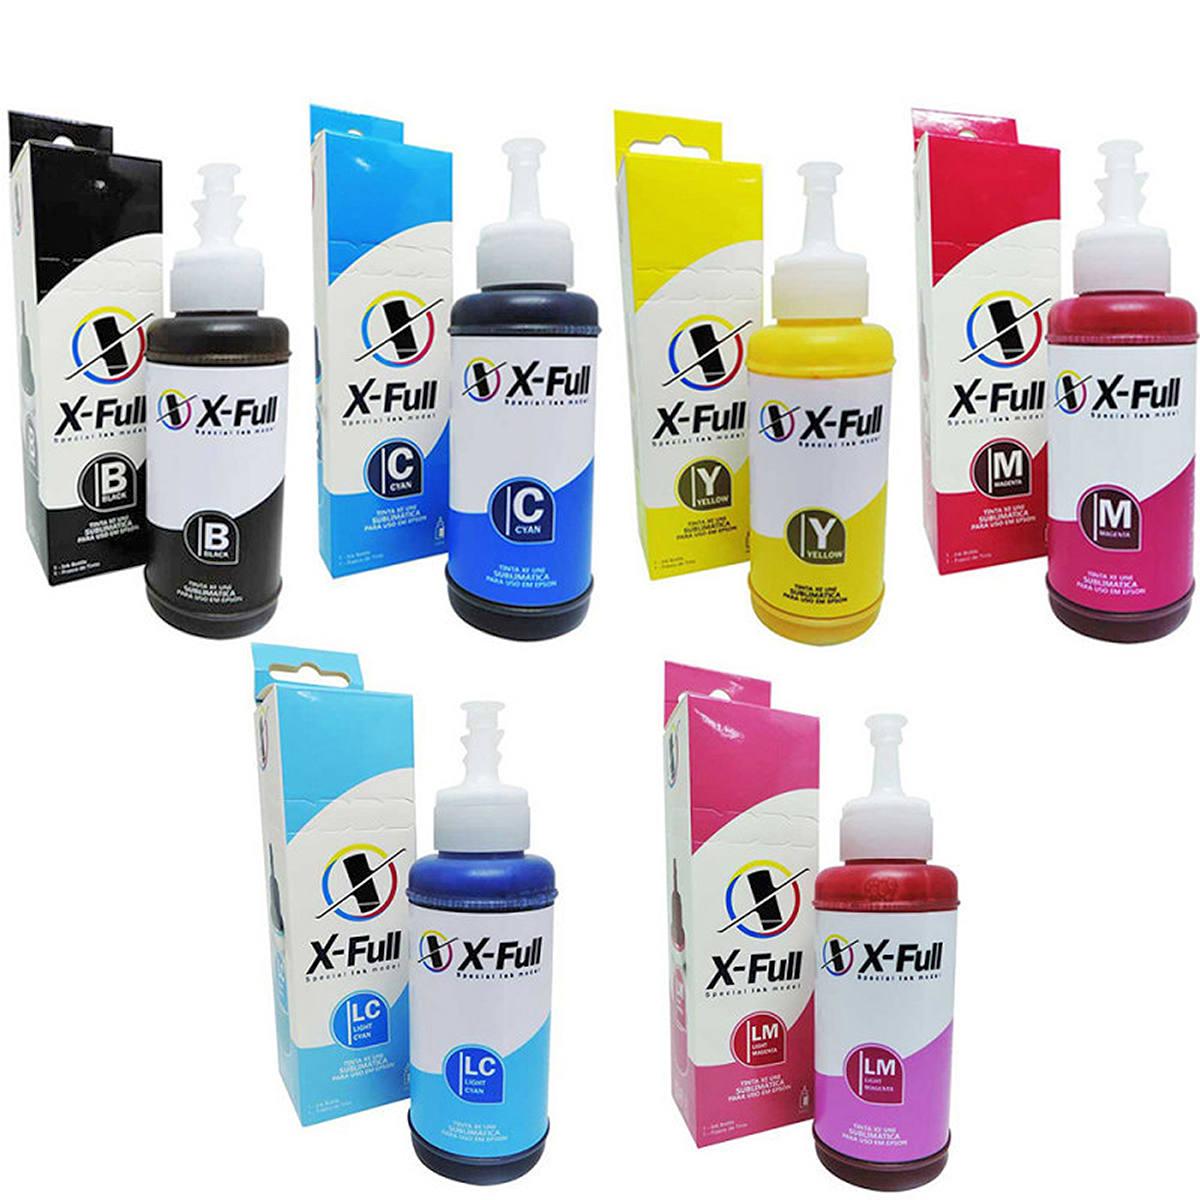 Kit 6 Cores de Tinta Sublimática X-Full para uso em todas as Impressoras Epson L Series 664 / Refil 6x100ml